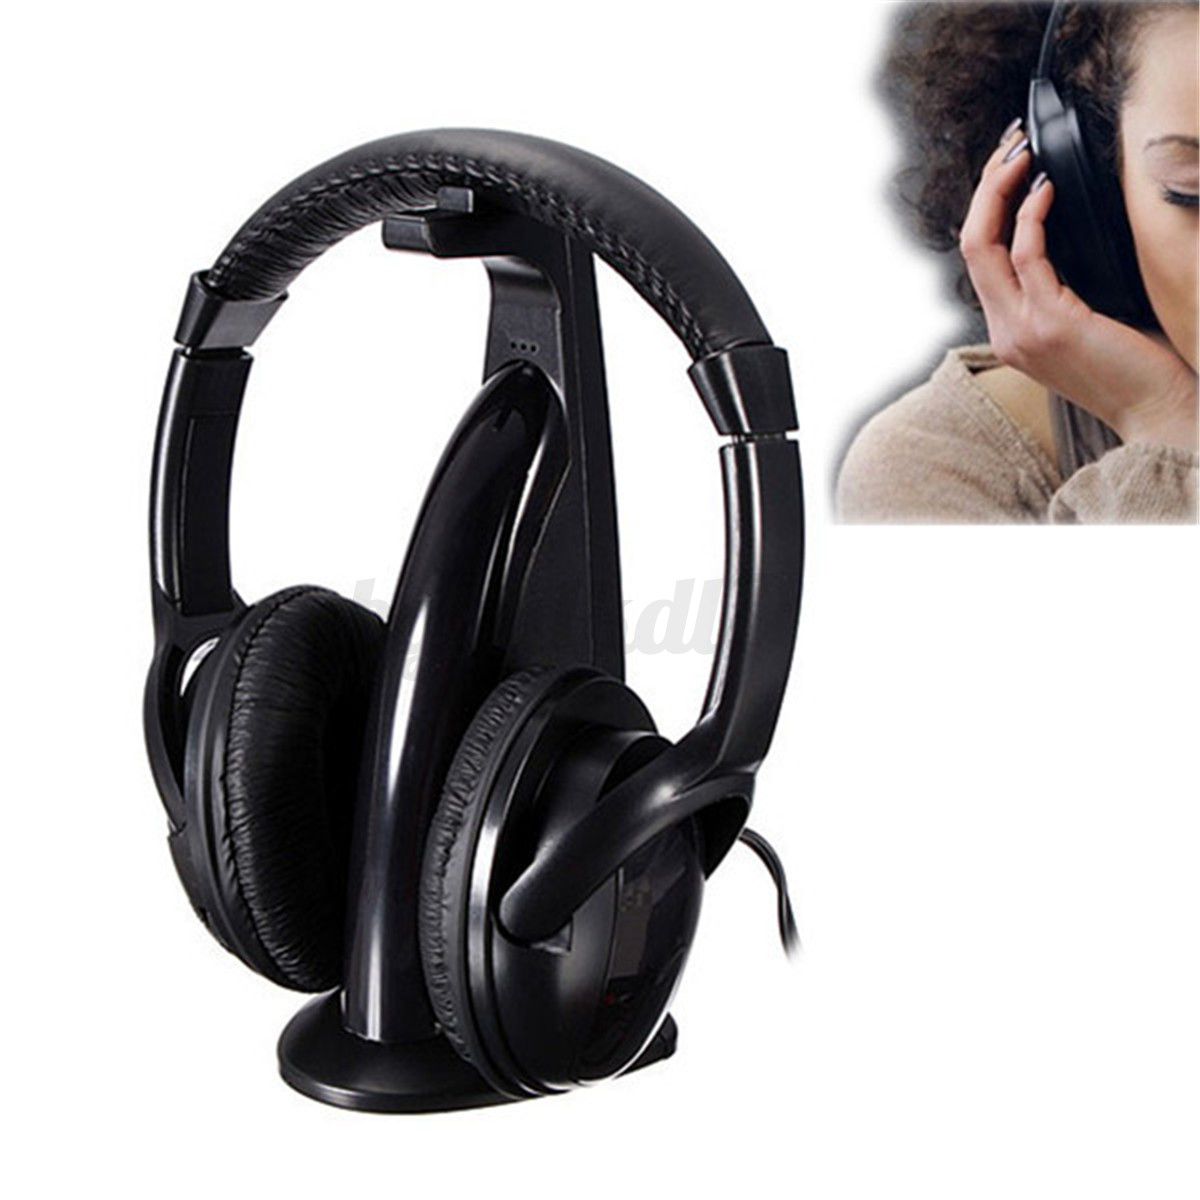 Cascos Auriculares Inalambricos Con Radio Fm 5 En 1 Para